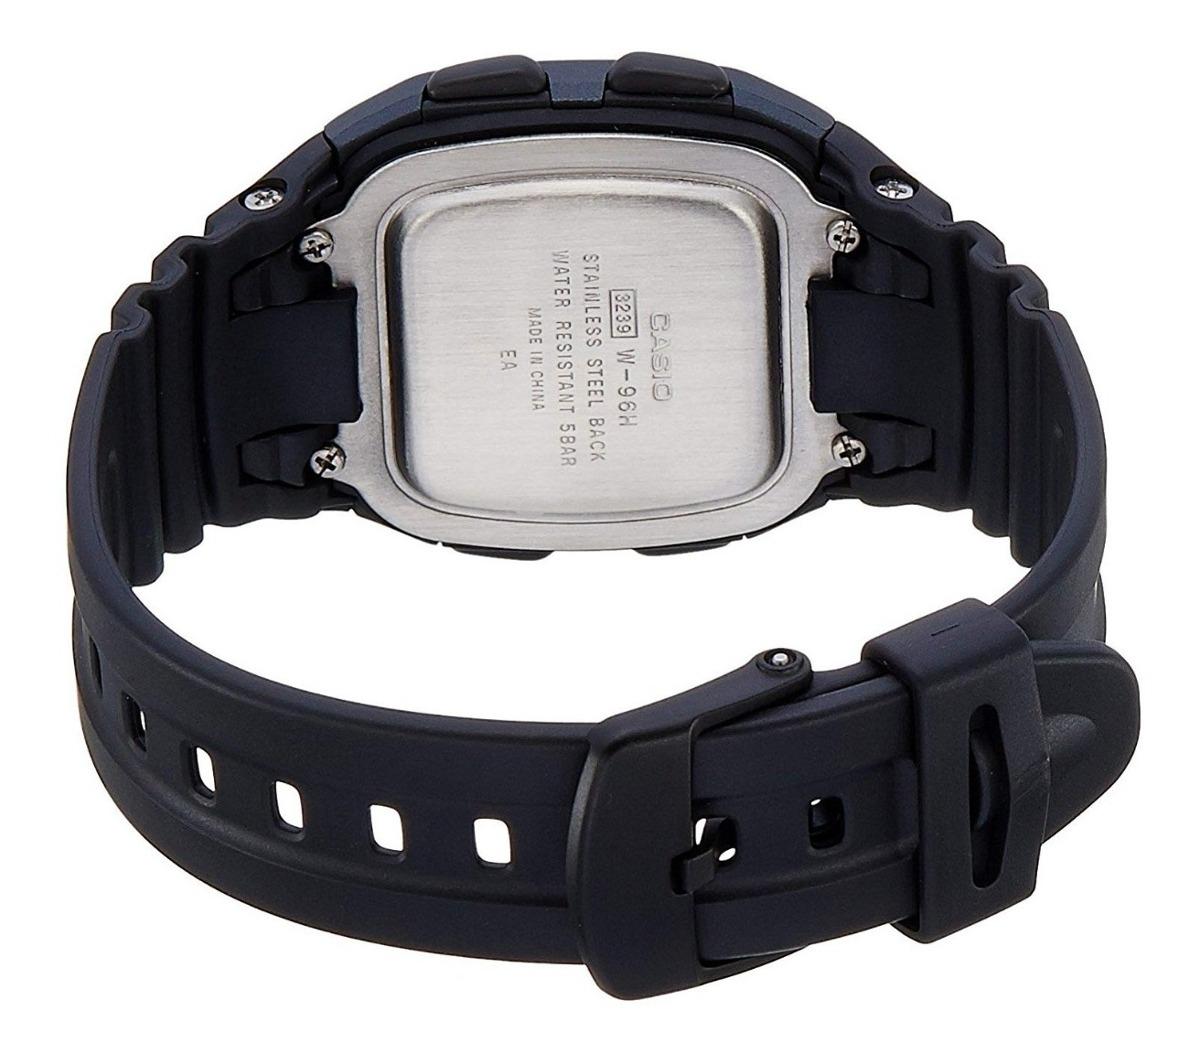 reloj-casio-hombre-w-96h-3a-ag-of-local-barrio-belgrano-D_NQ_NP_724058-MLA31765583900_082019-F